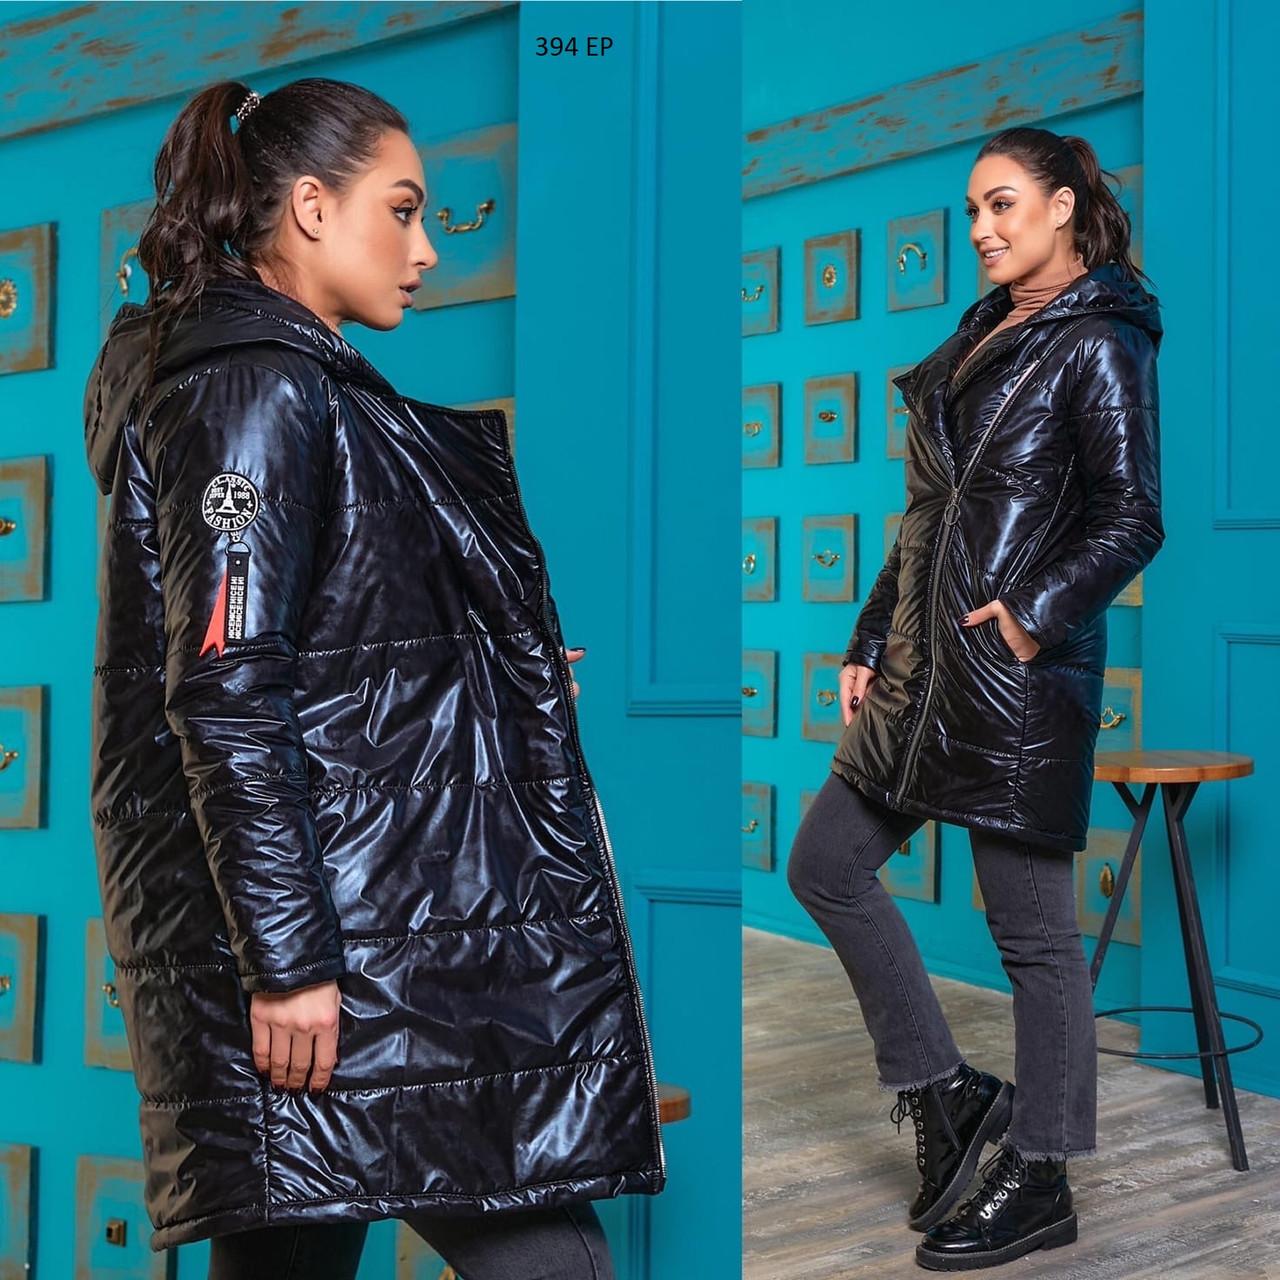 Женская спортивная куртка 394 ер